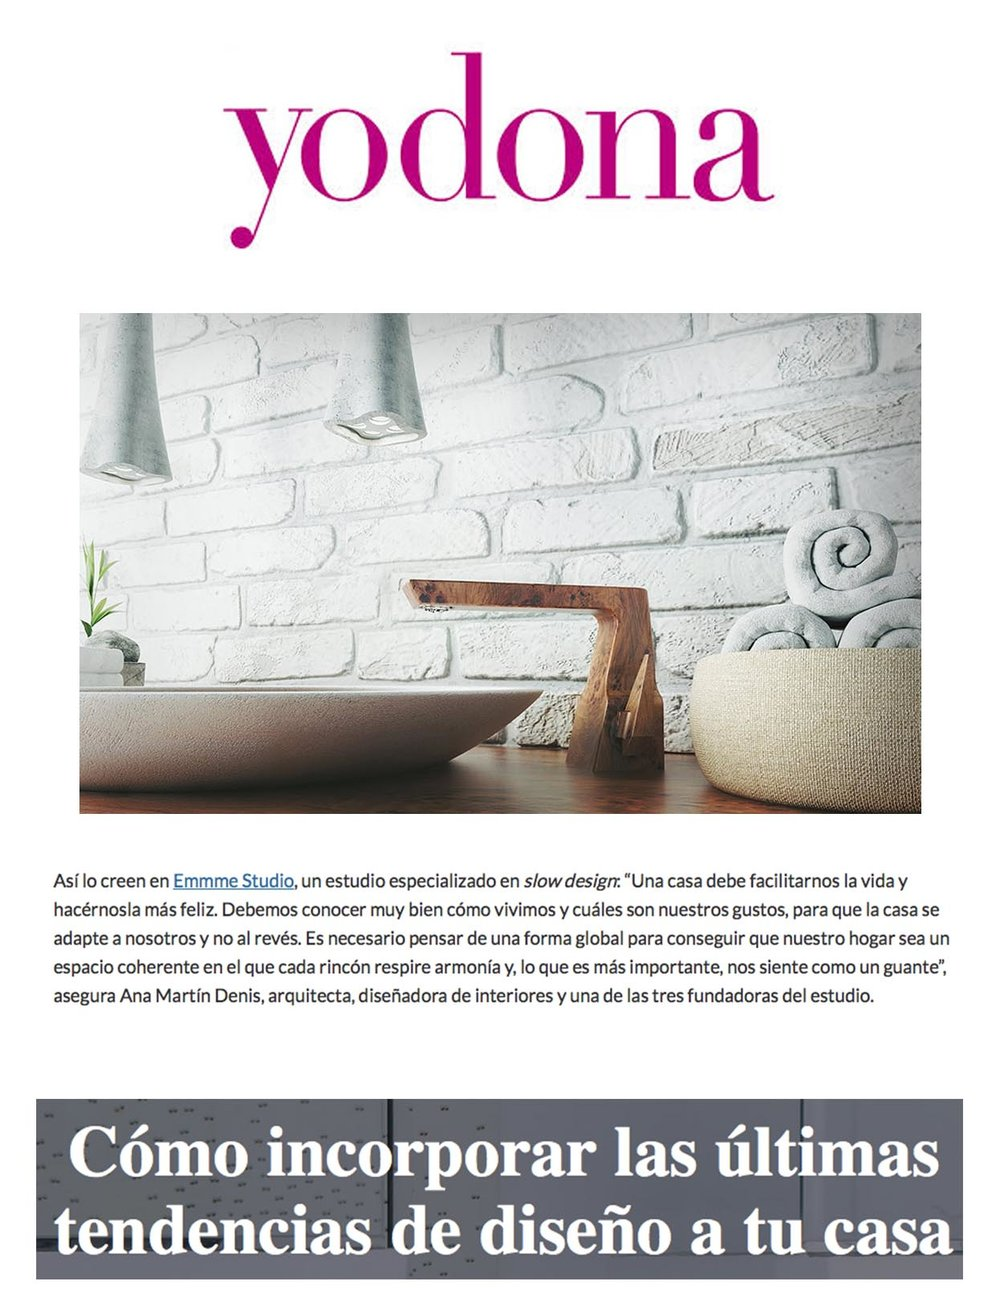 emmme studio yodona reformas diseño slow prensa artículo.jpg